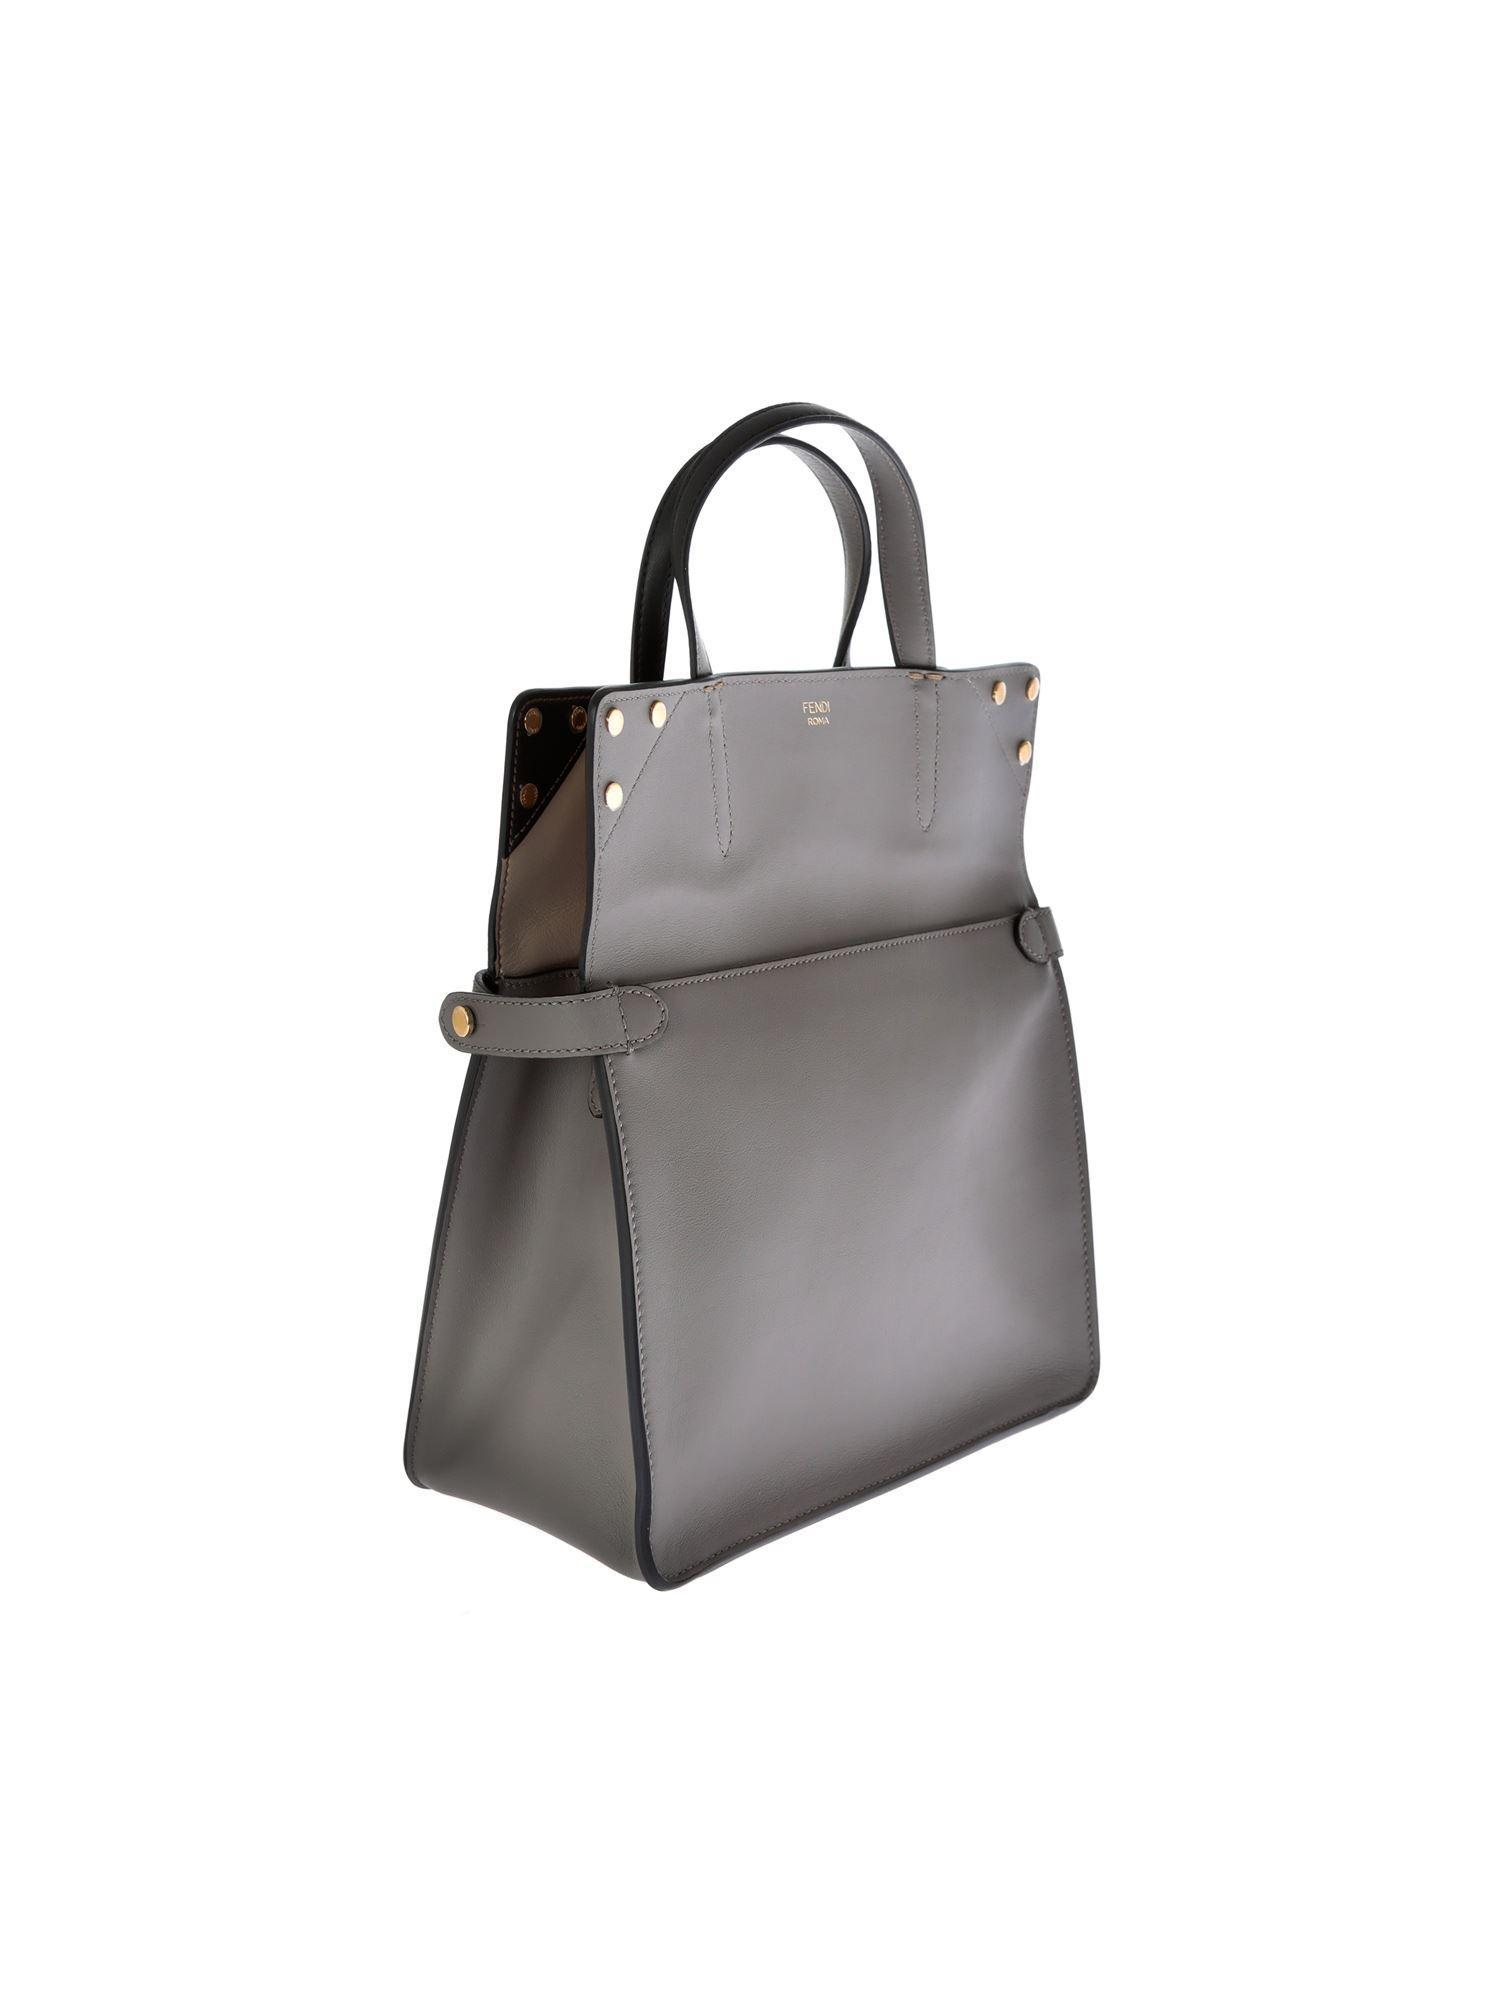 0db45dcd978d Lyst - Fendi Slim Small Gray Bag in Gray